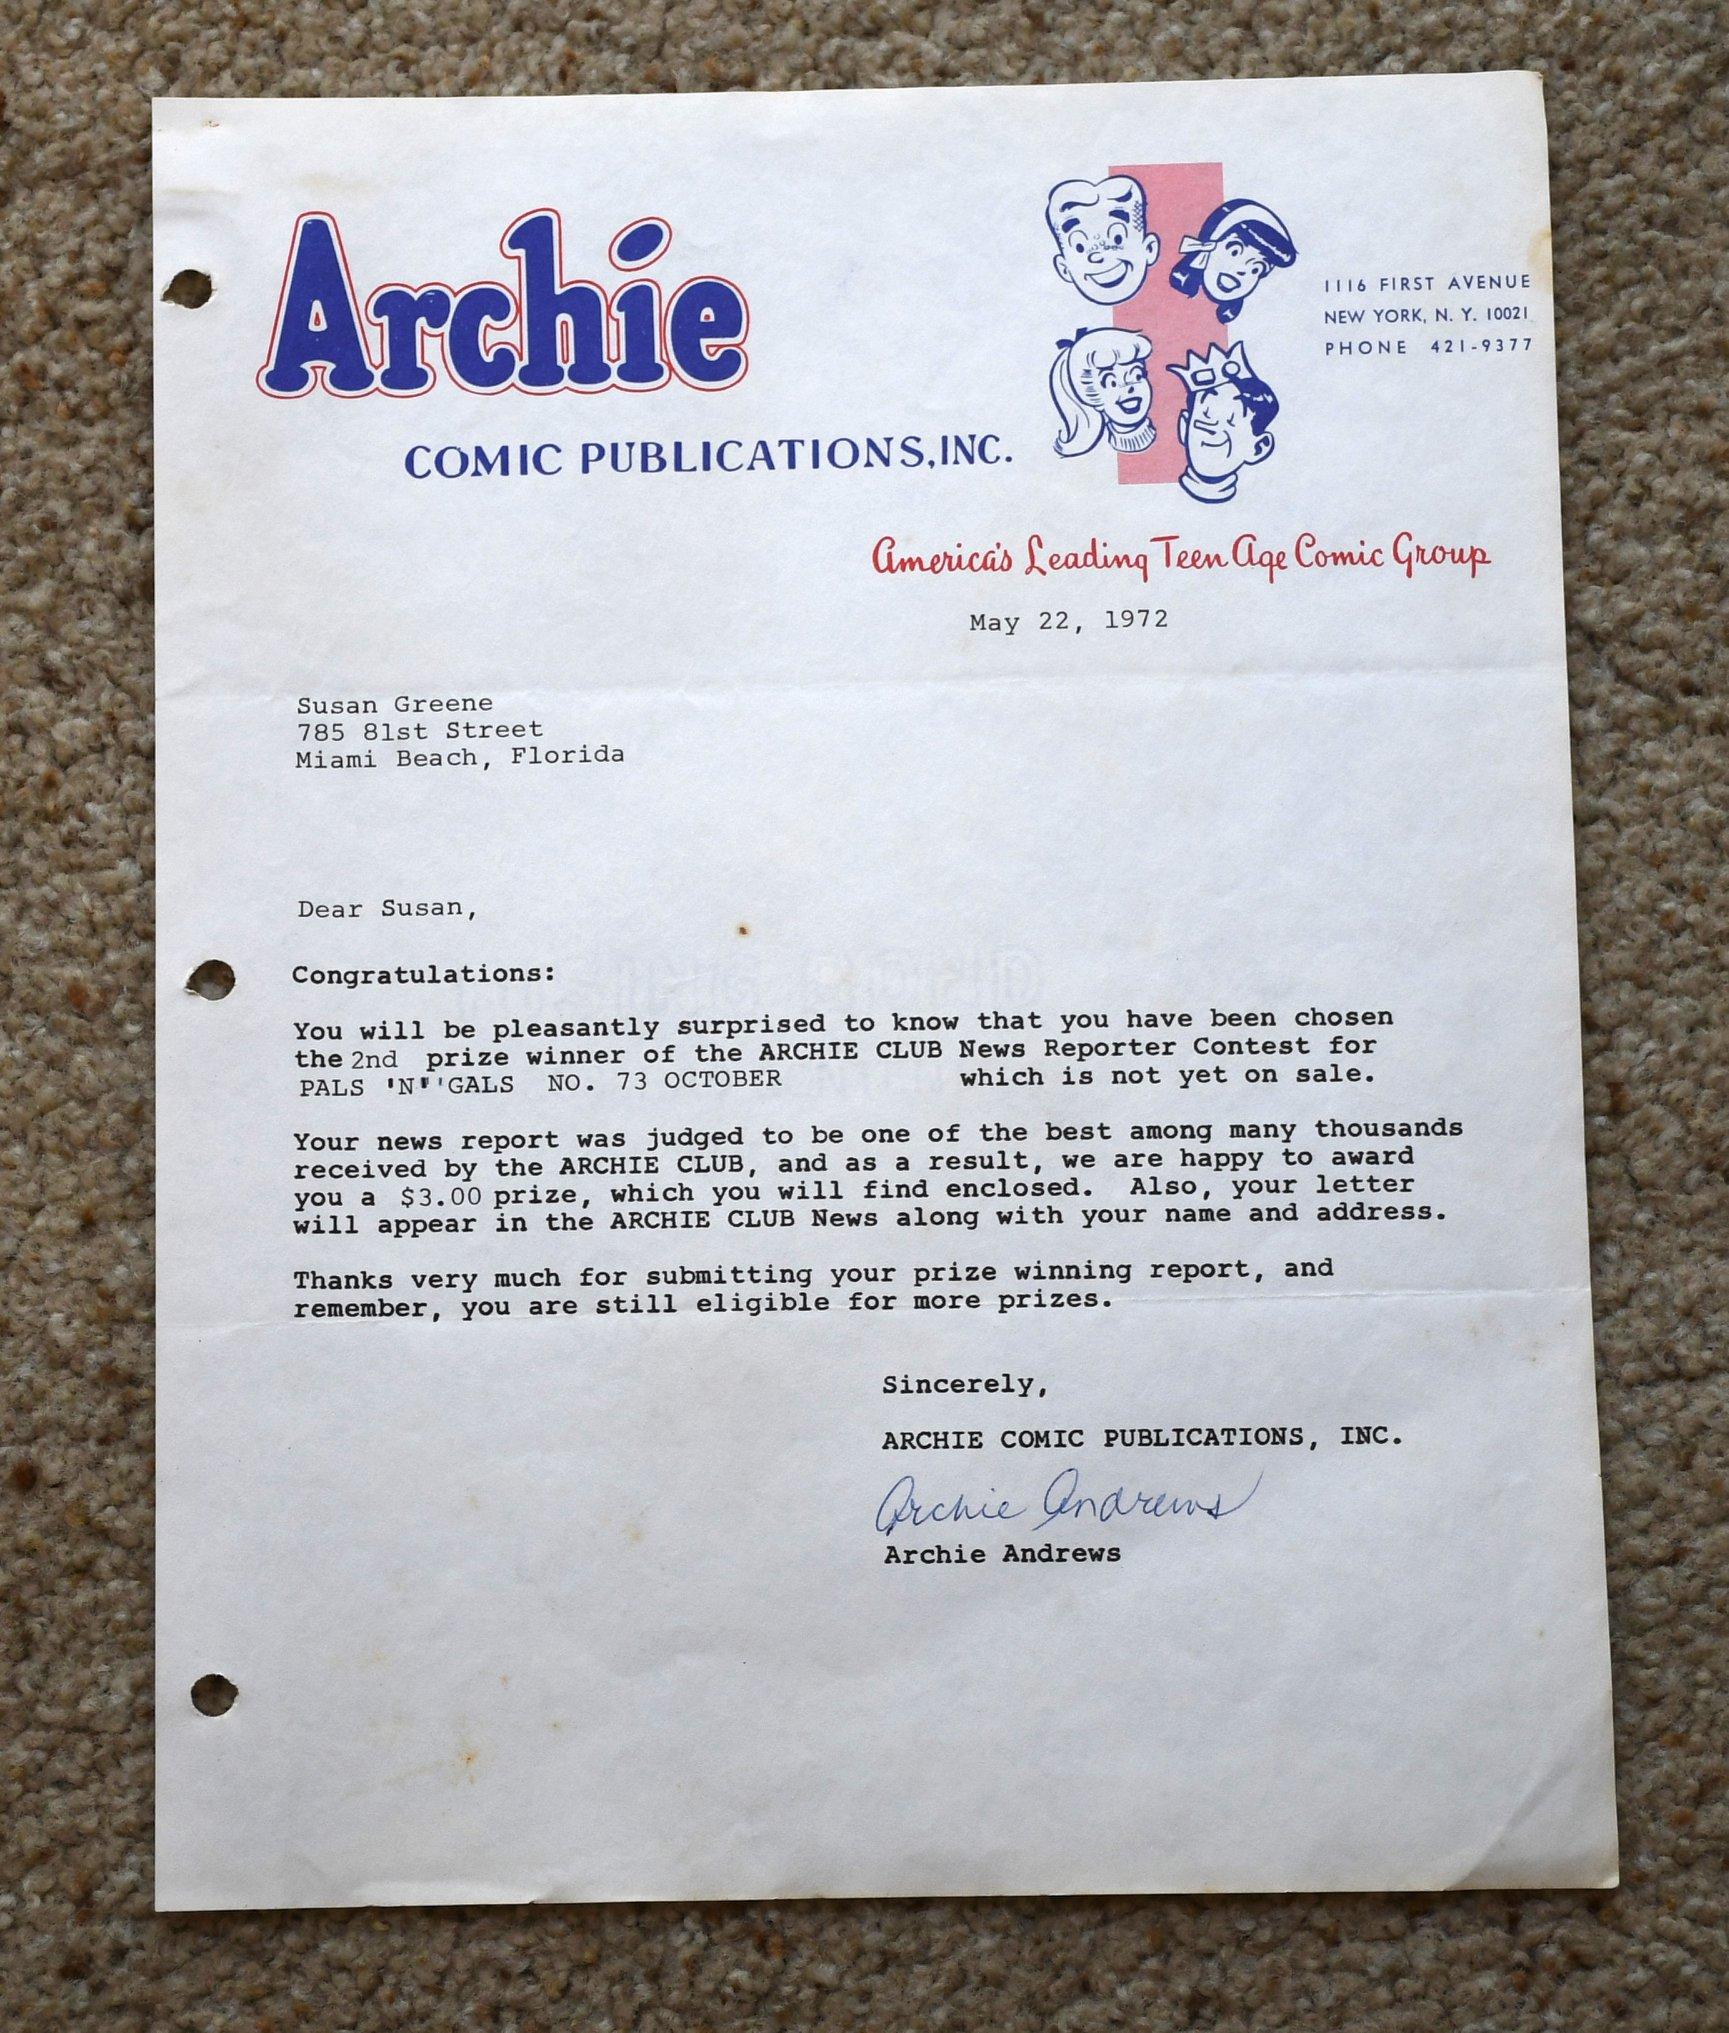 Archie comic letter